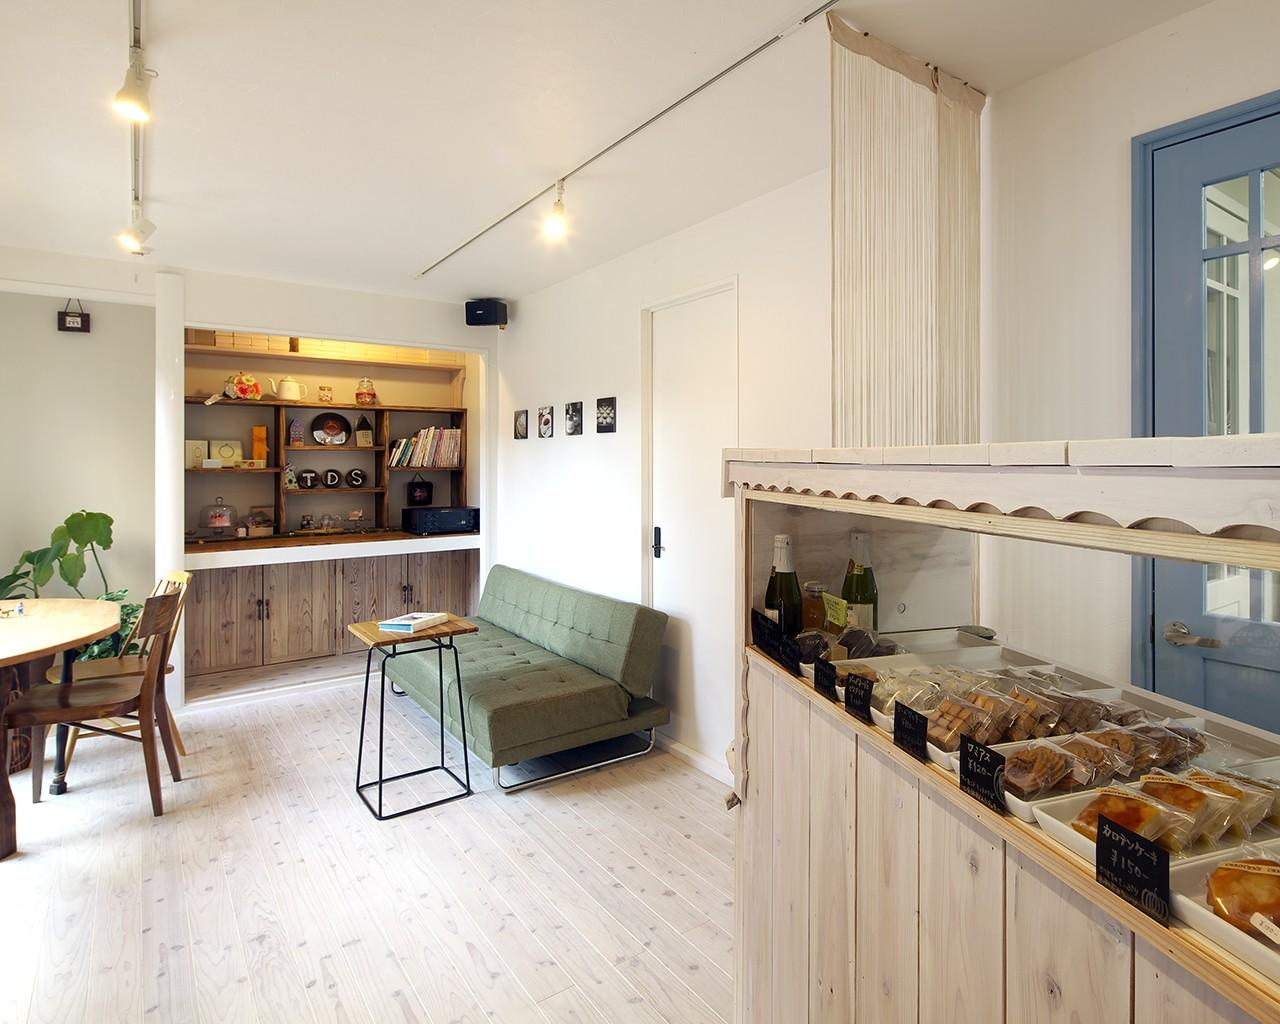 その他事例:実家のダイニングキッチンと和室をリフォームした「お菓子工房」(お菓子の家~店舗併設2世帯住宅。隠れ家的小さなお菓子工房のあるおうち~)